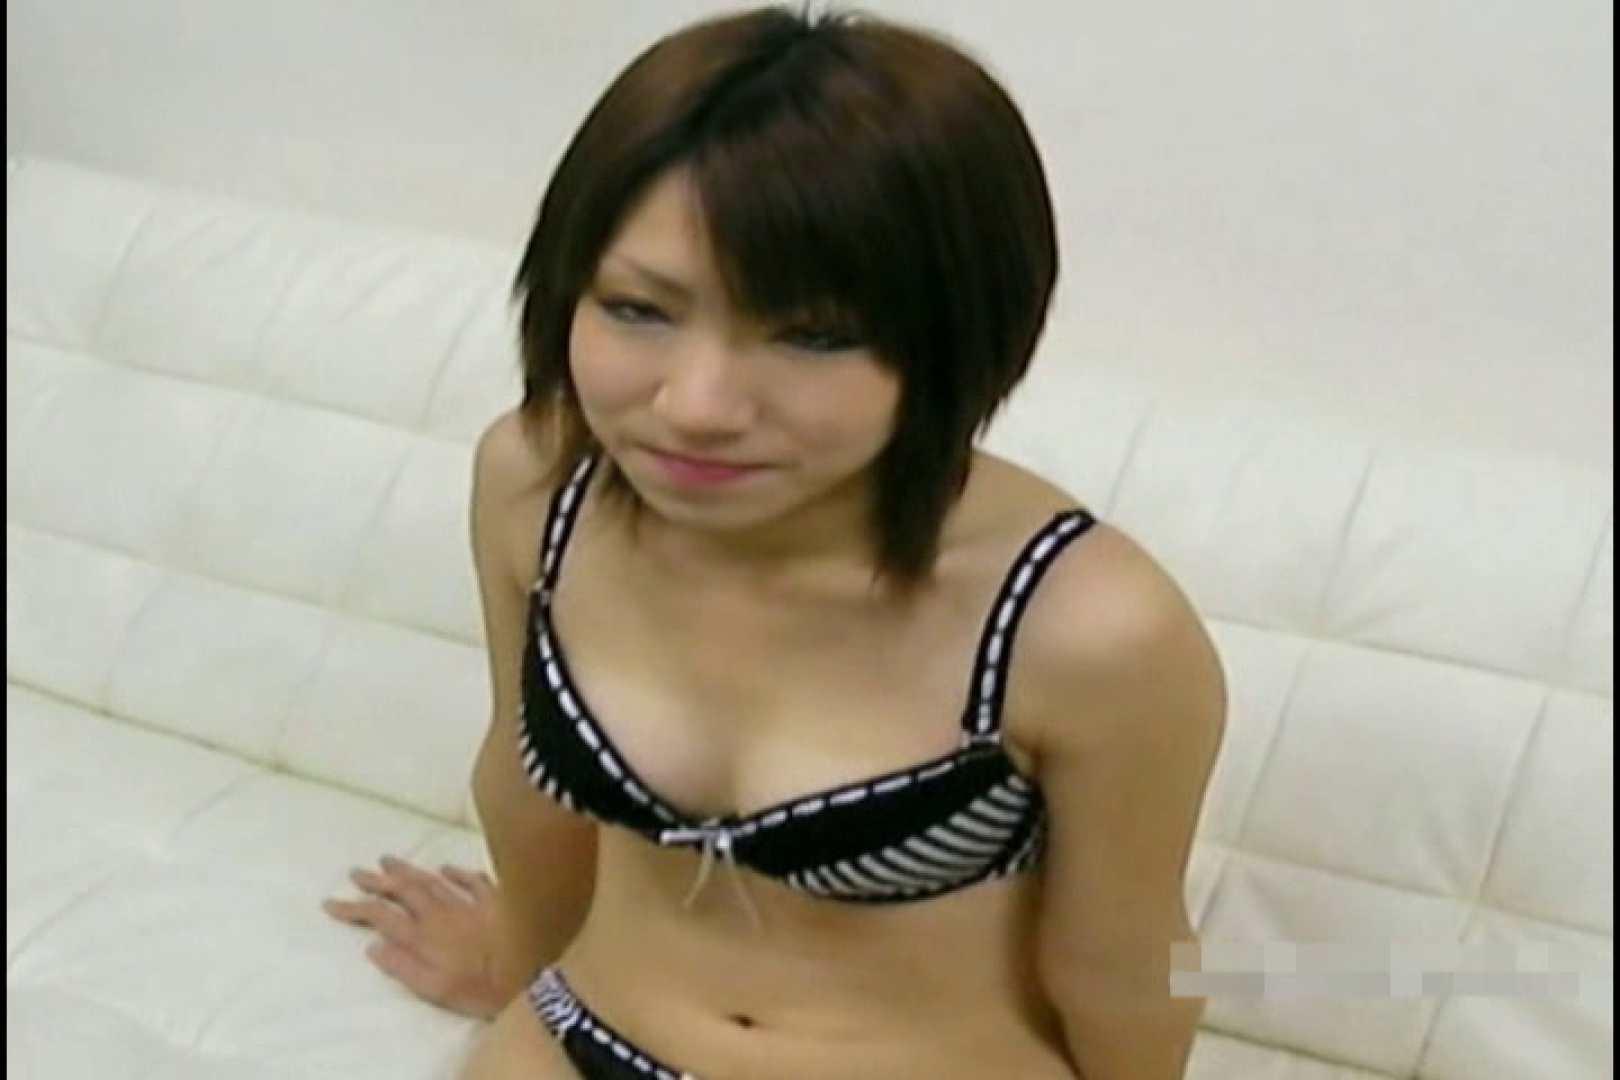 素人撮影 下着だけの撮影のはずが・・・れみ18歳 水着 盗撮画像 111pic 60